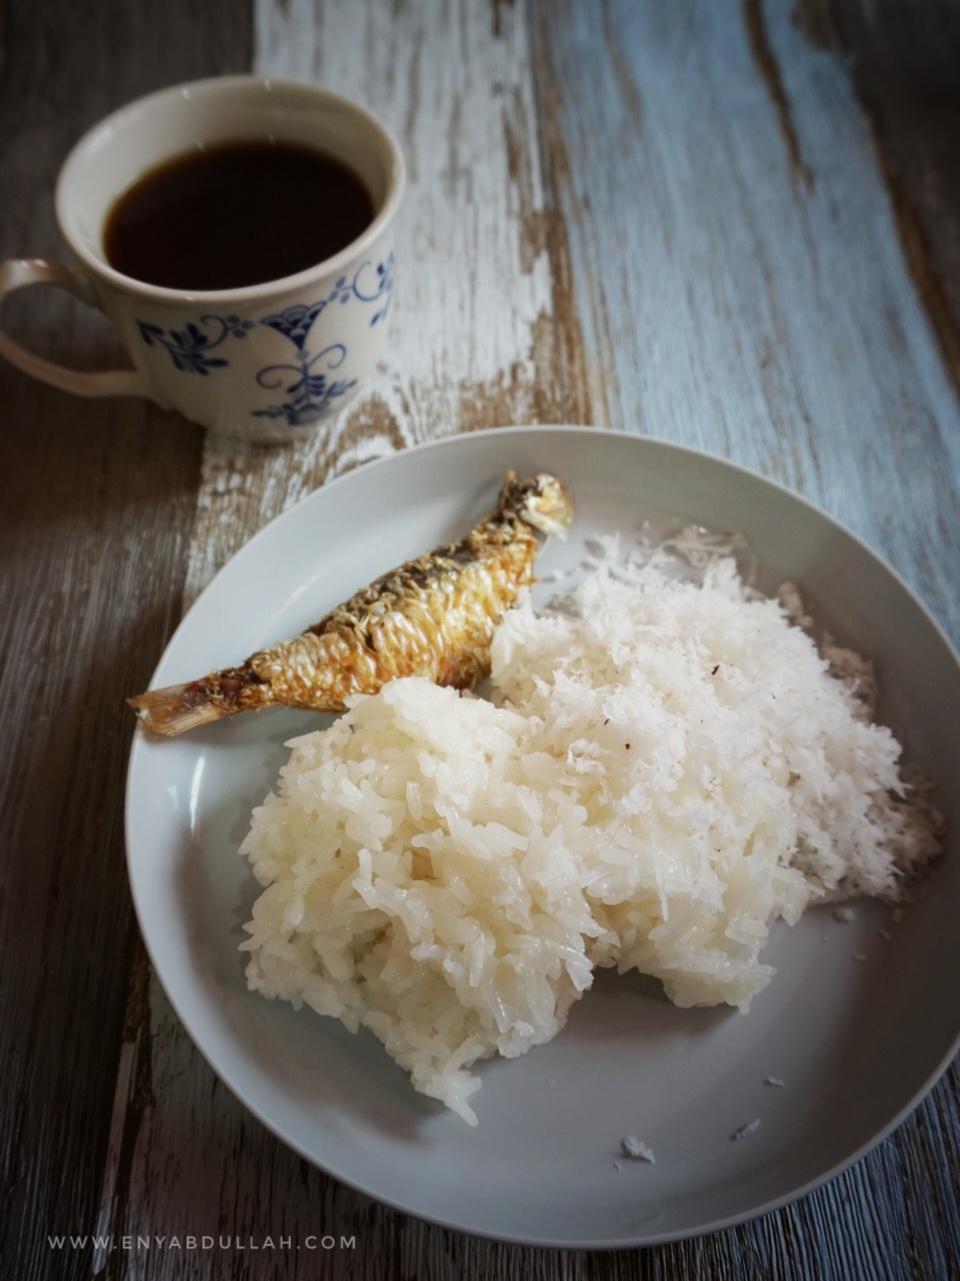 Tips masak pulut, pulut tanak, sukatan air beras pulut, cara masak pulut, pulut kukus, pulut ikan kering